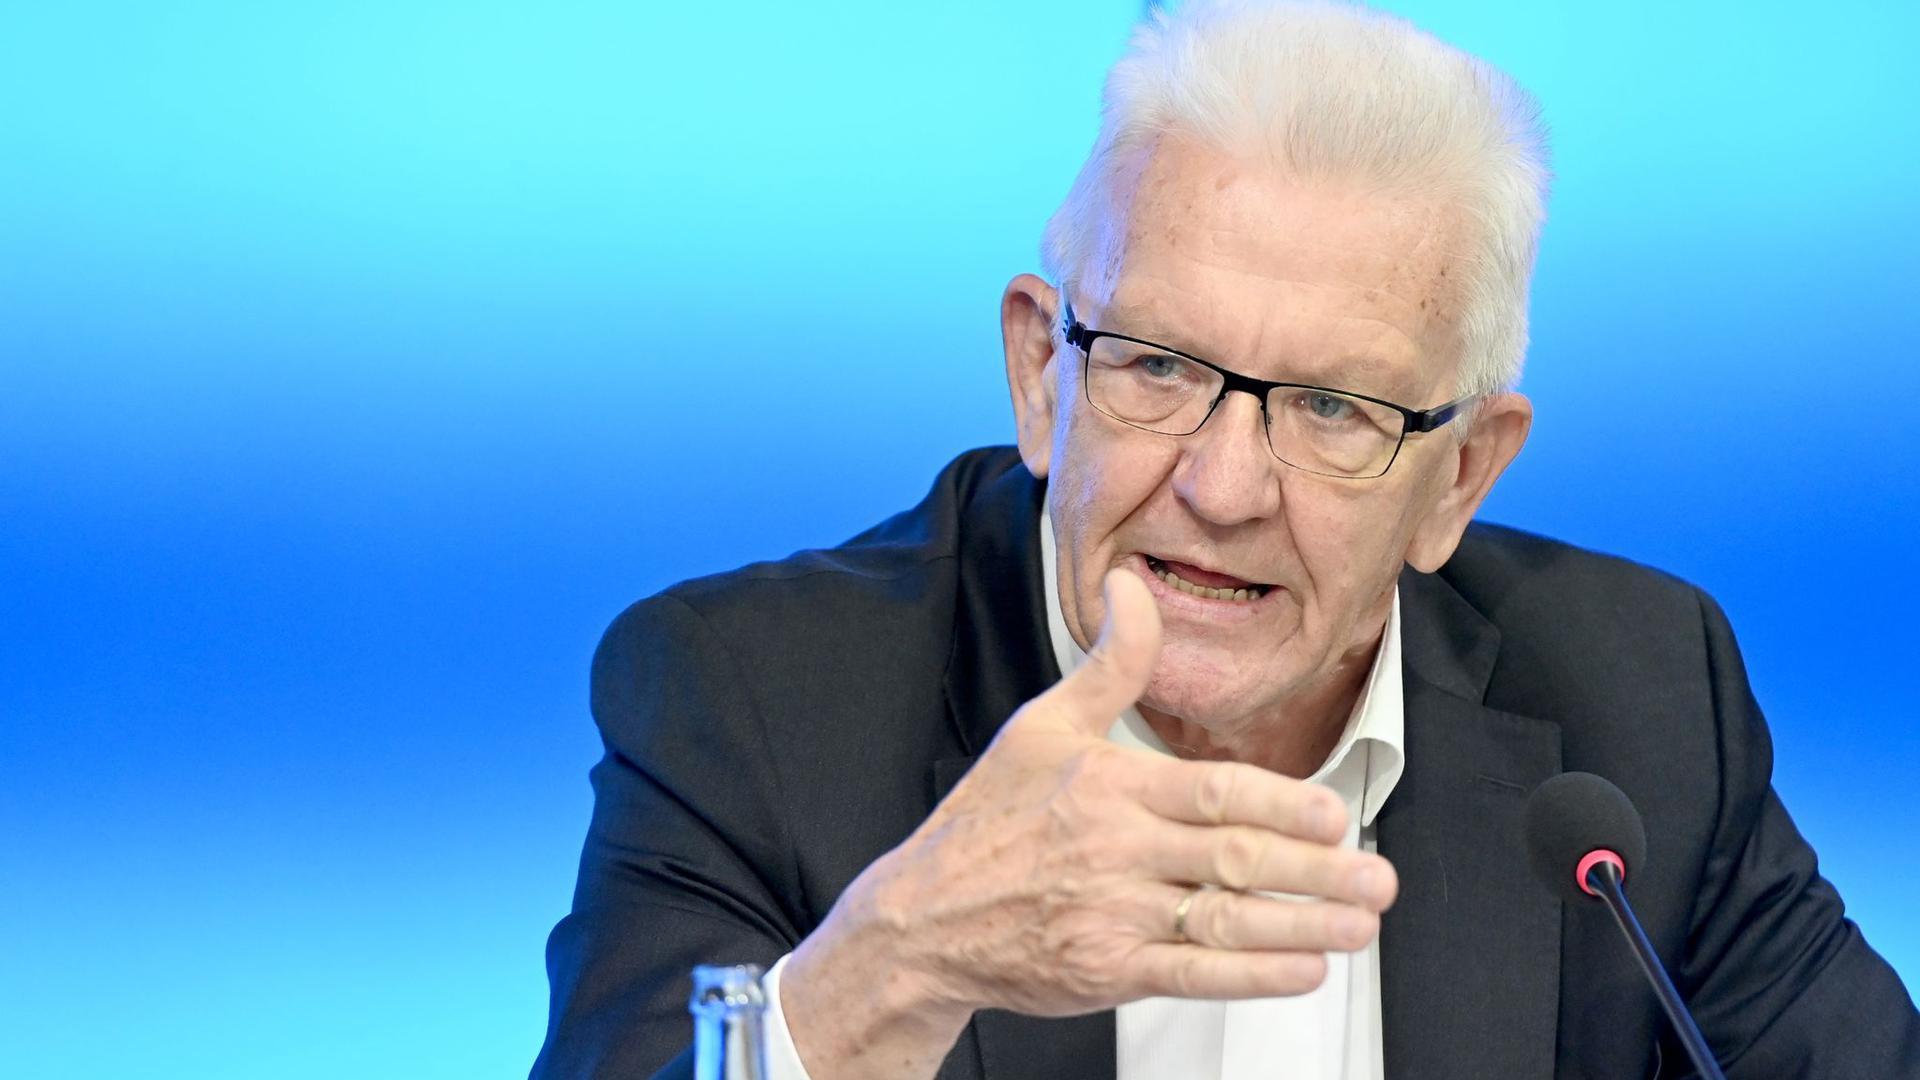 Winfried Kretschmann spricht auf einer Pressekonferenz.